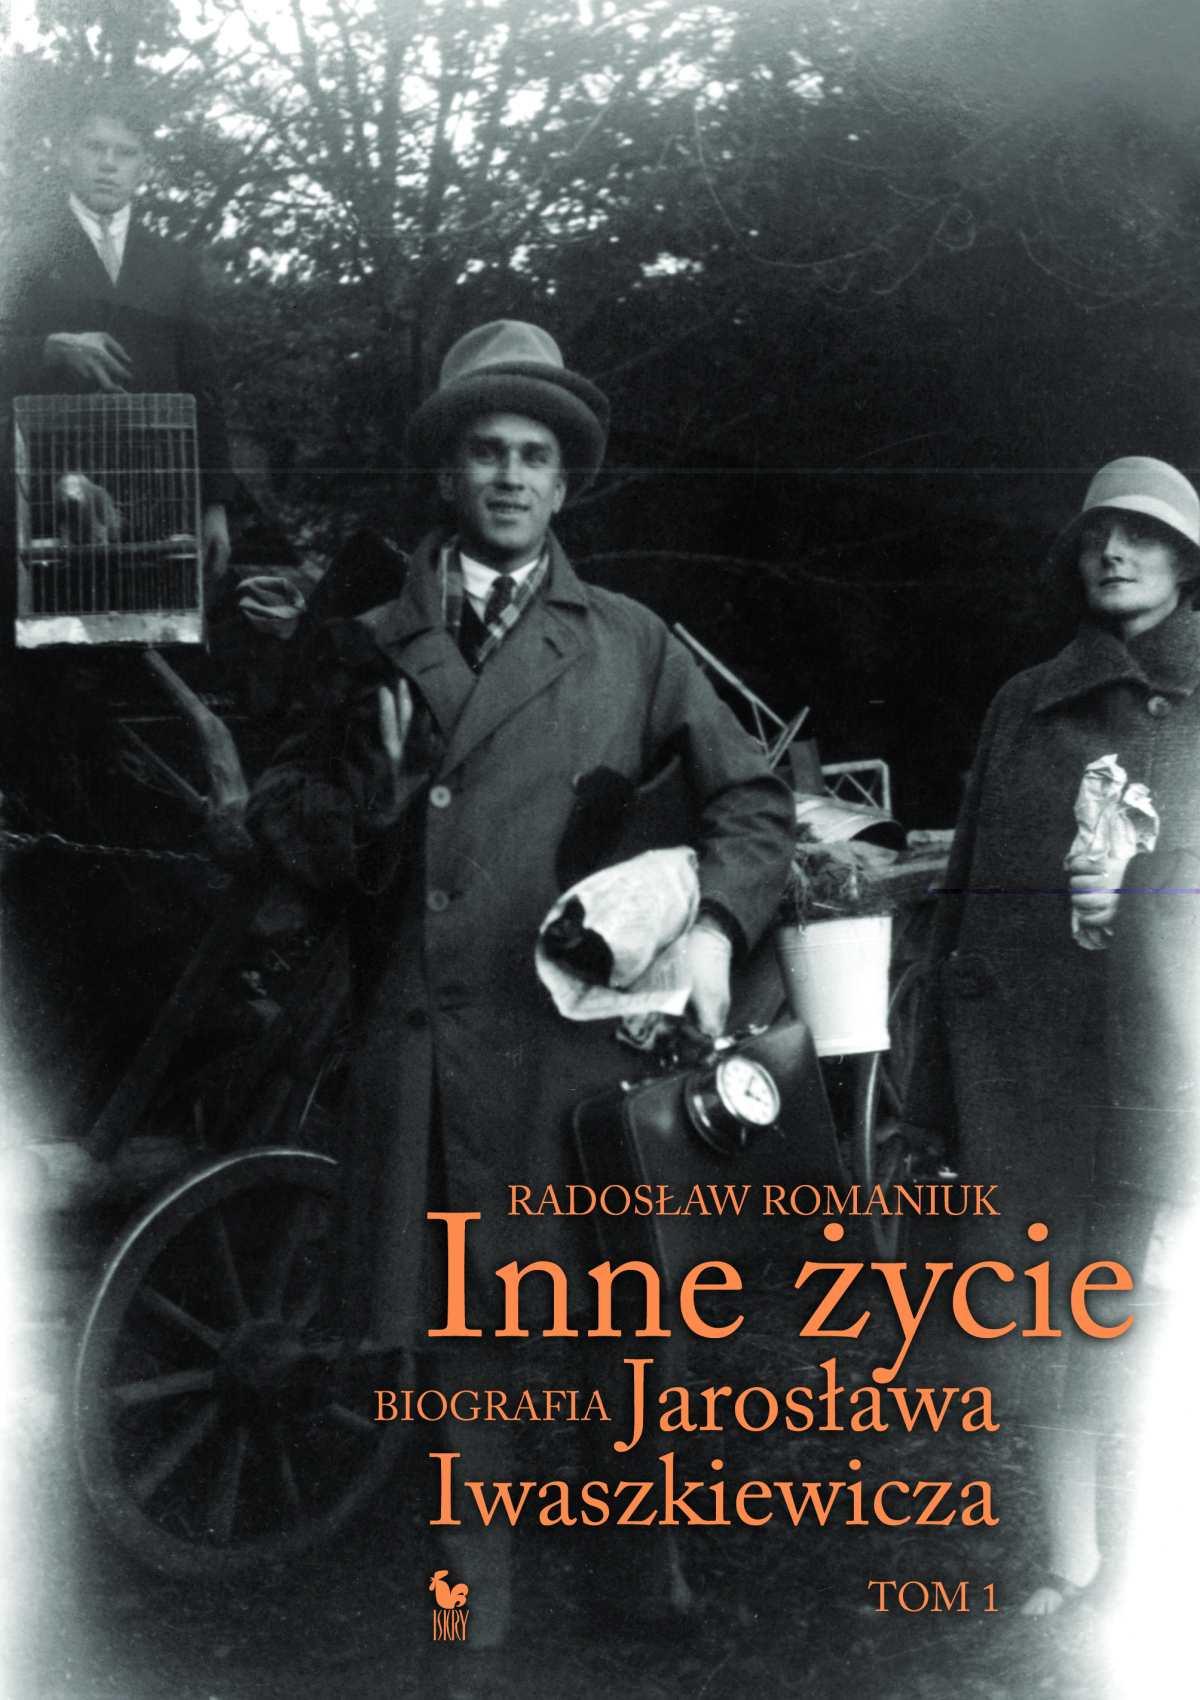 Inne życie. Biografia Jarosława Iwaszkiewicza. Tom 1 - Ebook (Książka EPUB) do pobrania w formacie EPUB